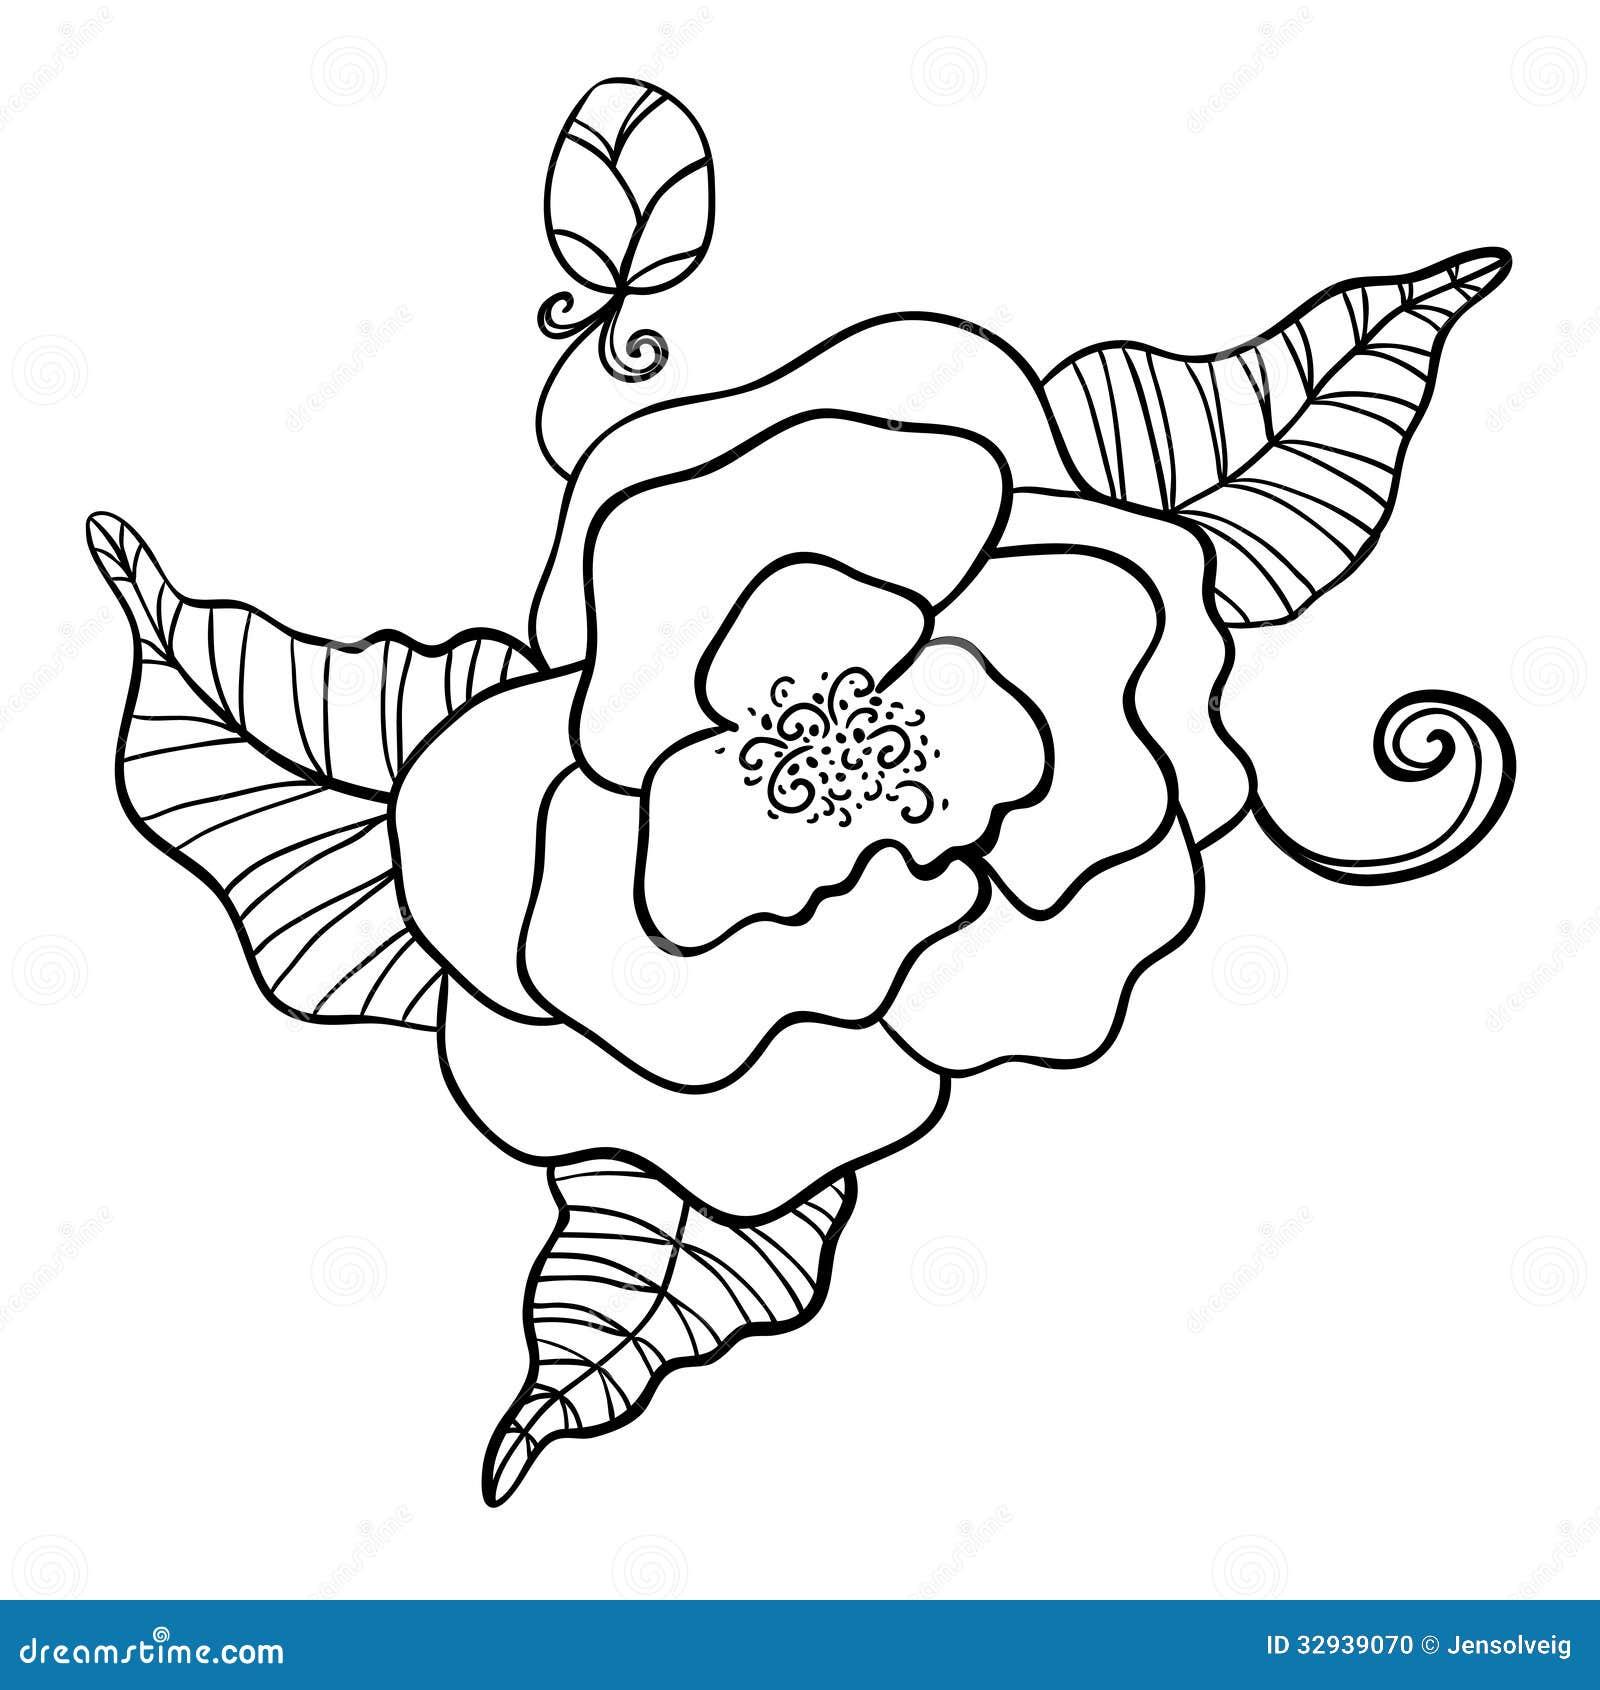 Zwart witte tekening van bloem stock foto afbeelding - Dessin de fleur en noir et blanc ...